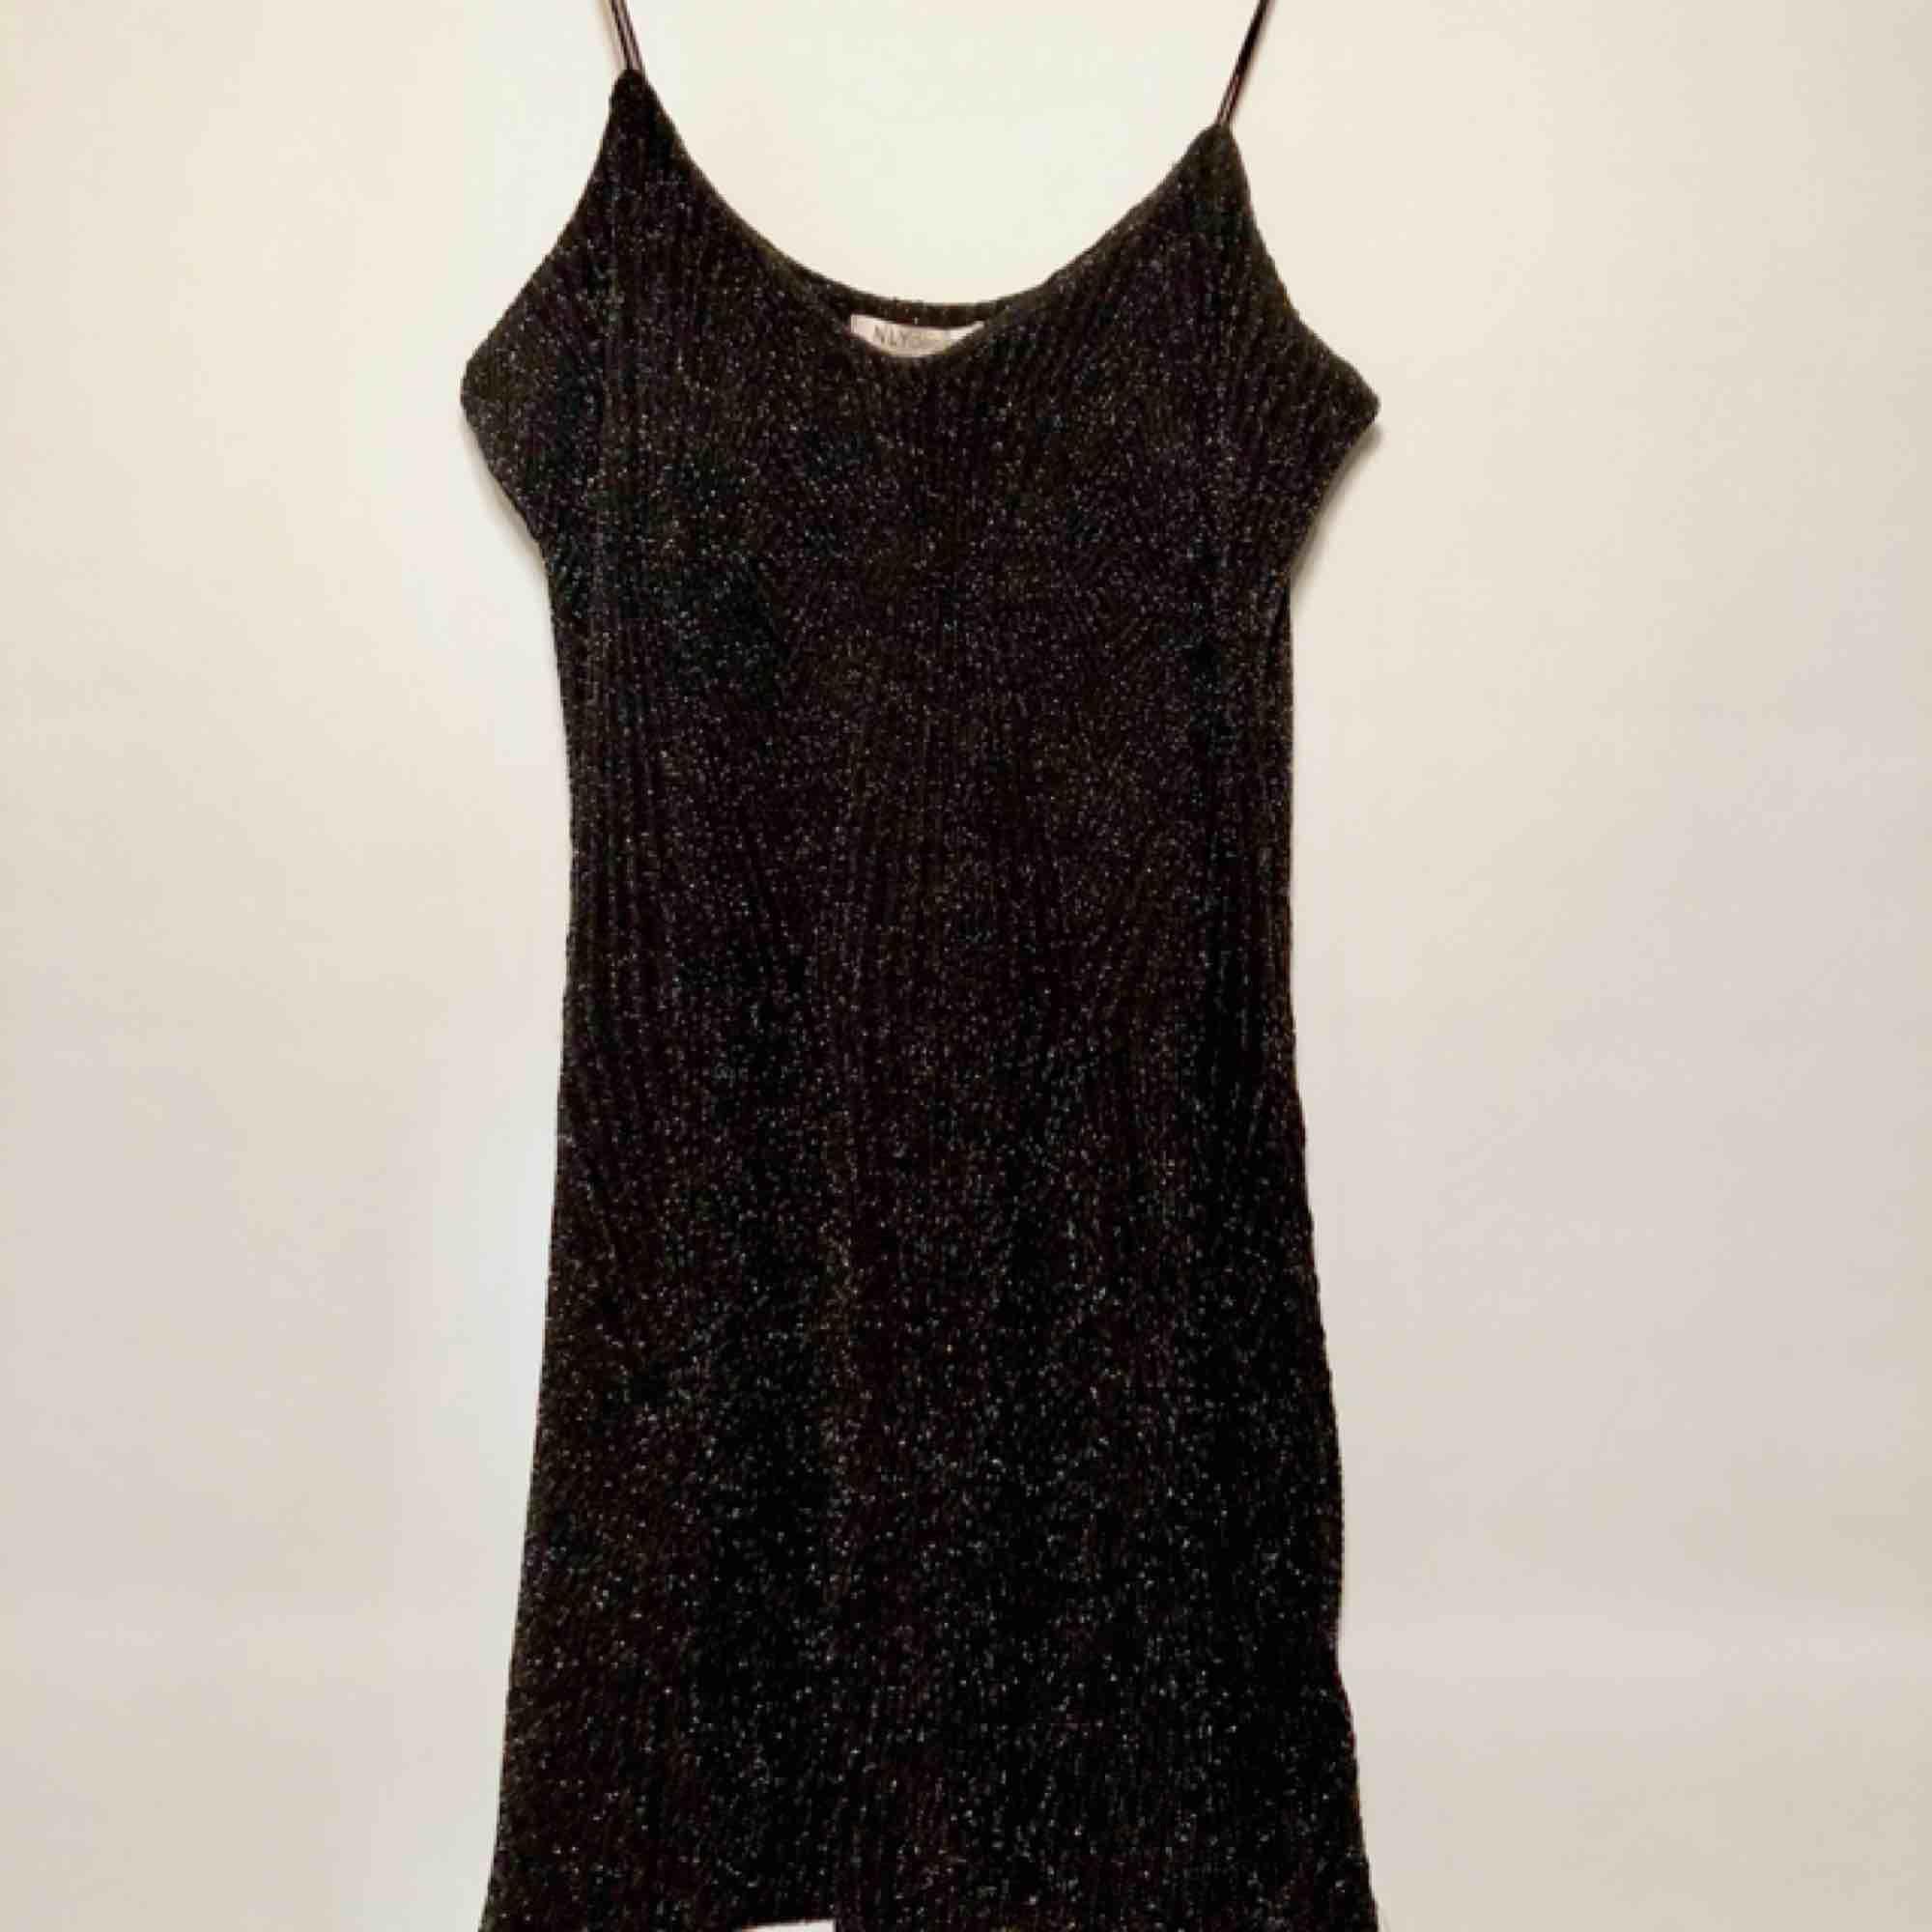 Superfin kort glittrig klänning, väldigt skönt material. Ganska djup ringning både fram och bak. Aldrig använd endast testad. Passar S-M. Fri frakt!. Klänningar.